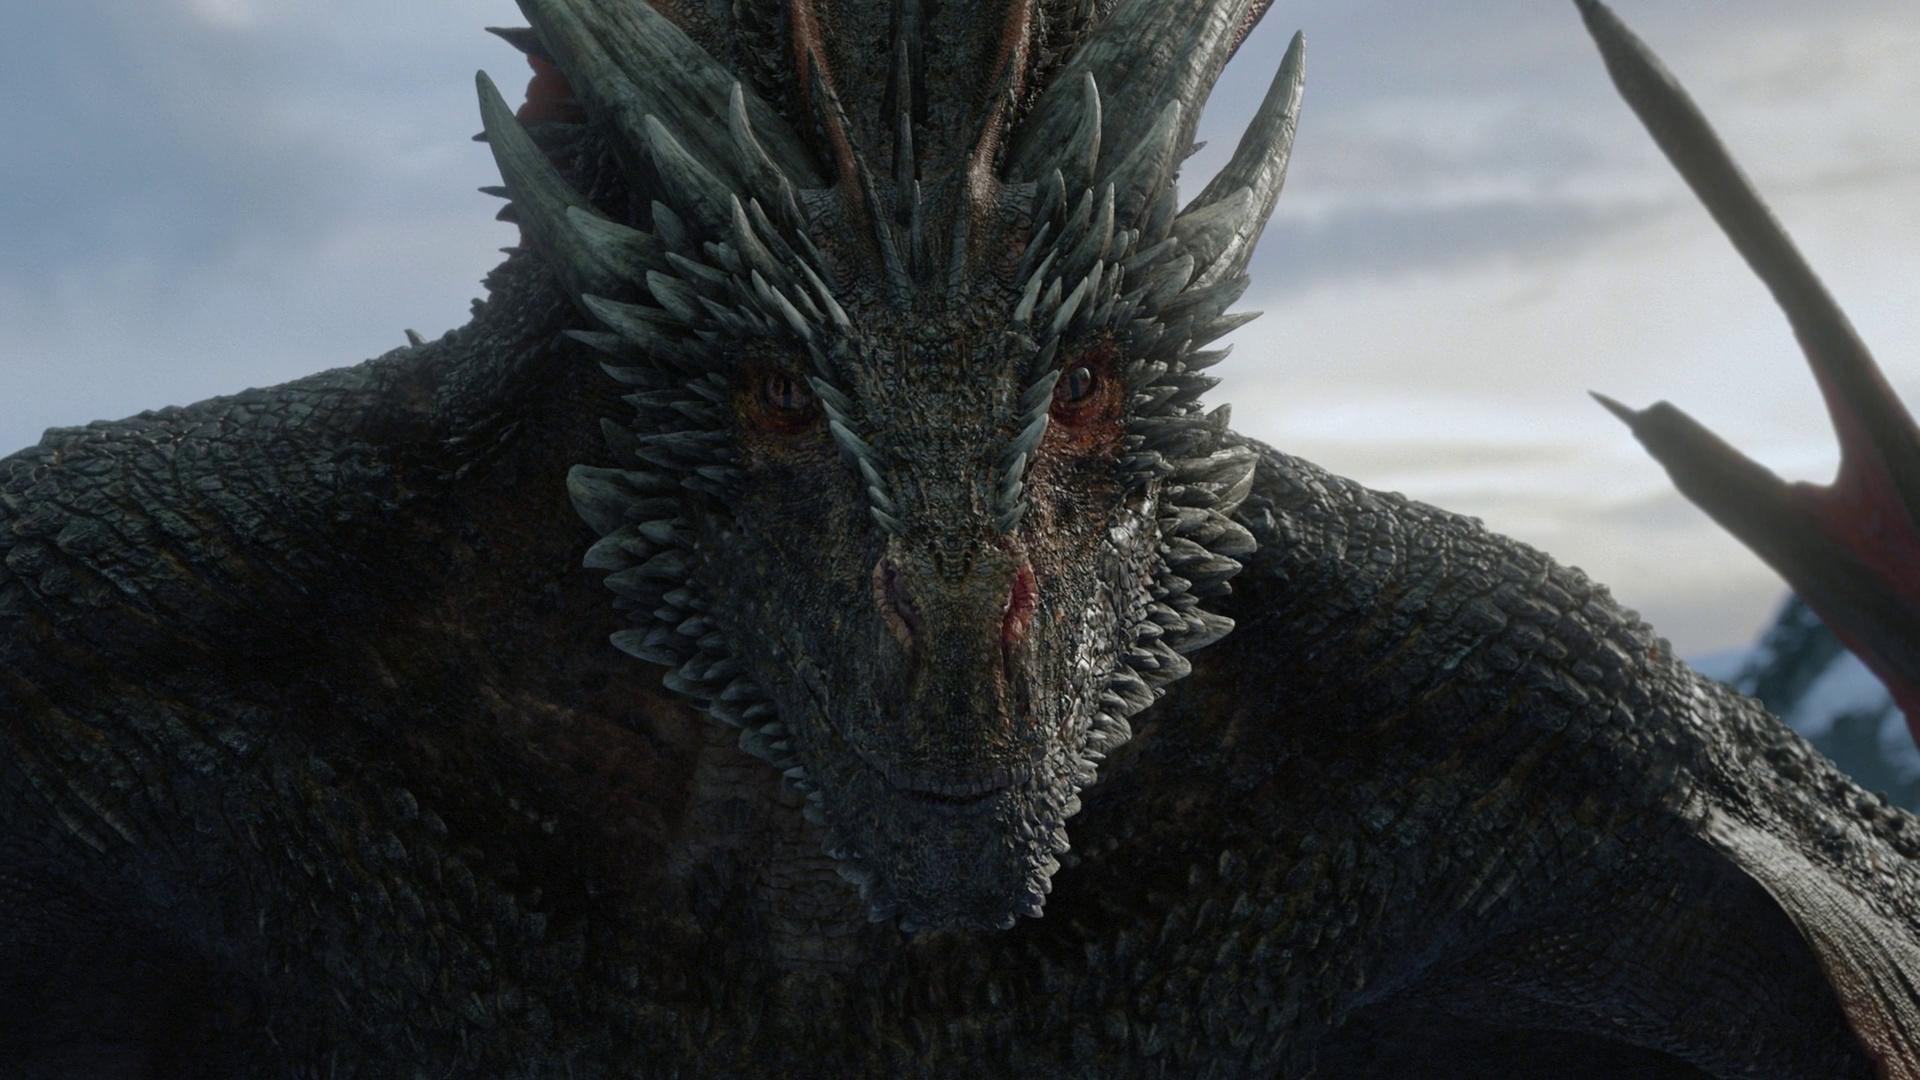 фильм, сериал, дракон, игра престолов, game of thrones